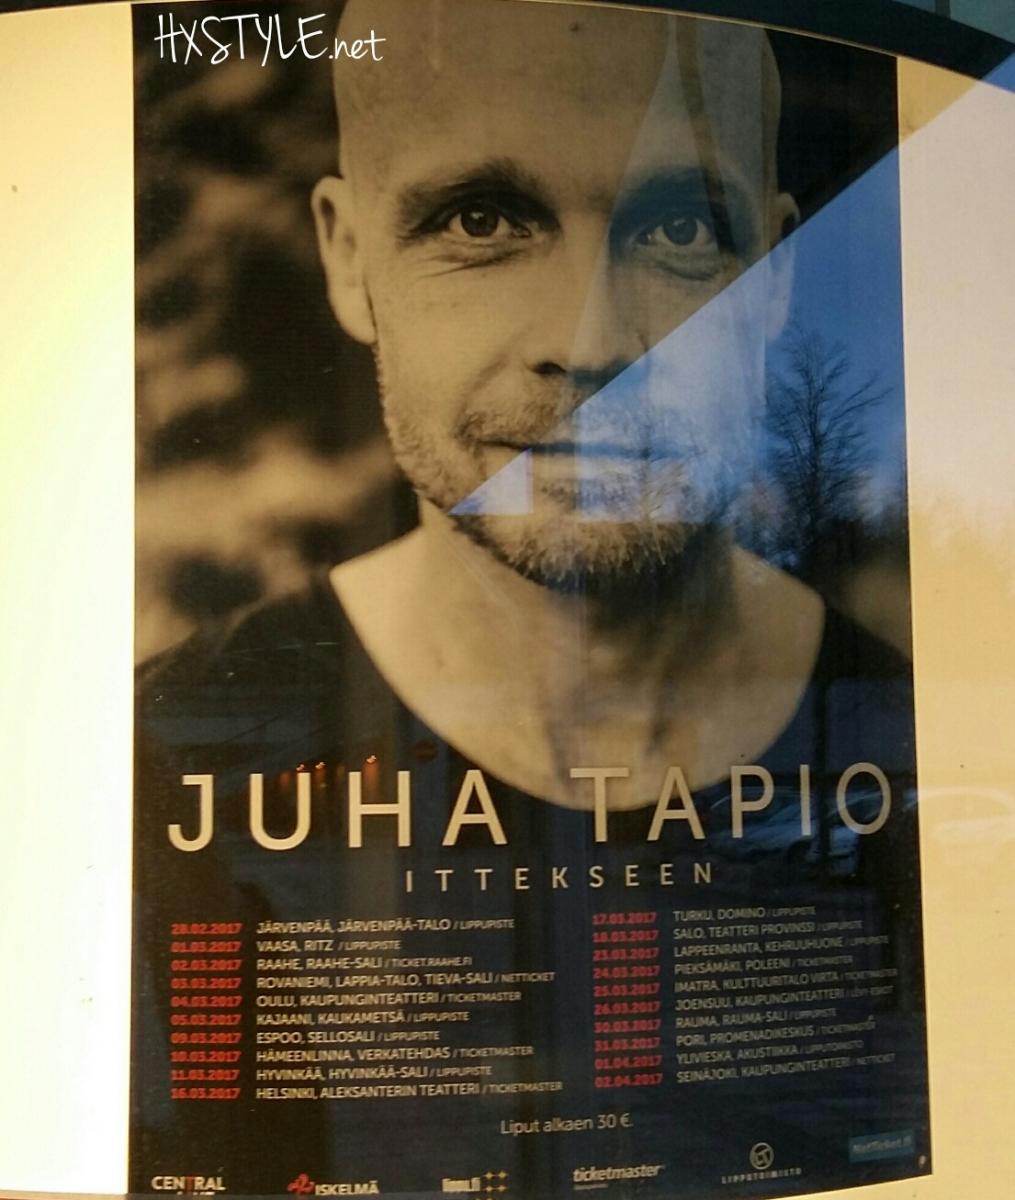 KULTTUURI. MUSIIKKI. LIVE KEIKKA...JUHA TAPIO -ITTEKSEEN Konserttikiertue IMATRA, Kulttuuritalo Virta (25.3.2017), Musikki LIVE ARVOSTELU, Artikkelisarja, Kirja, Musiikki. 29.3. SUOSIKKI. HXSTYLE.net HEINIS. Suosittu yli 18 krt